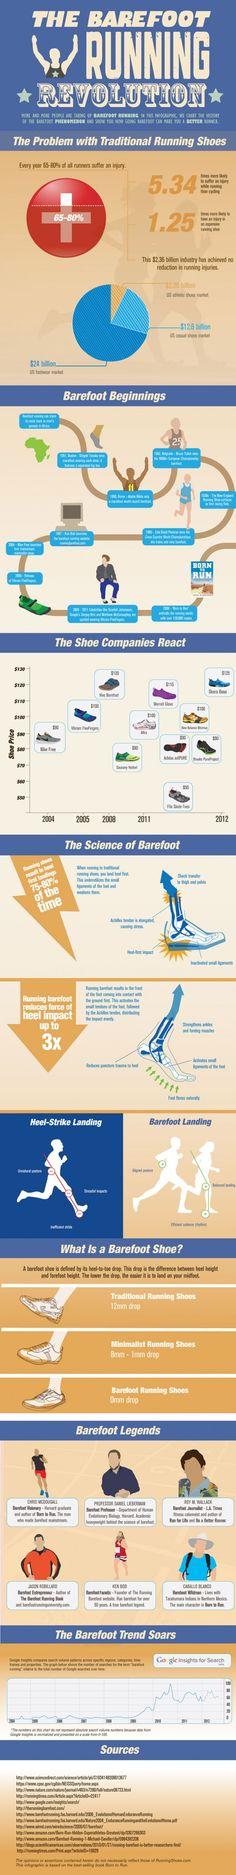 running barefoot.....